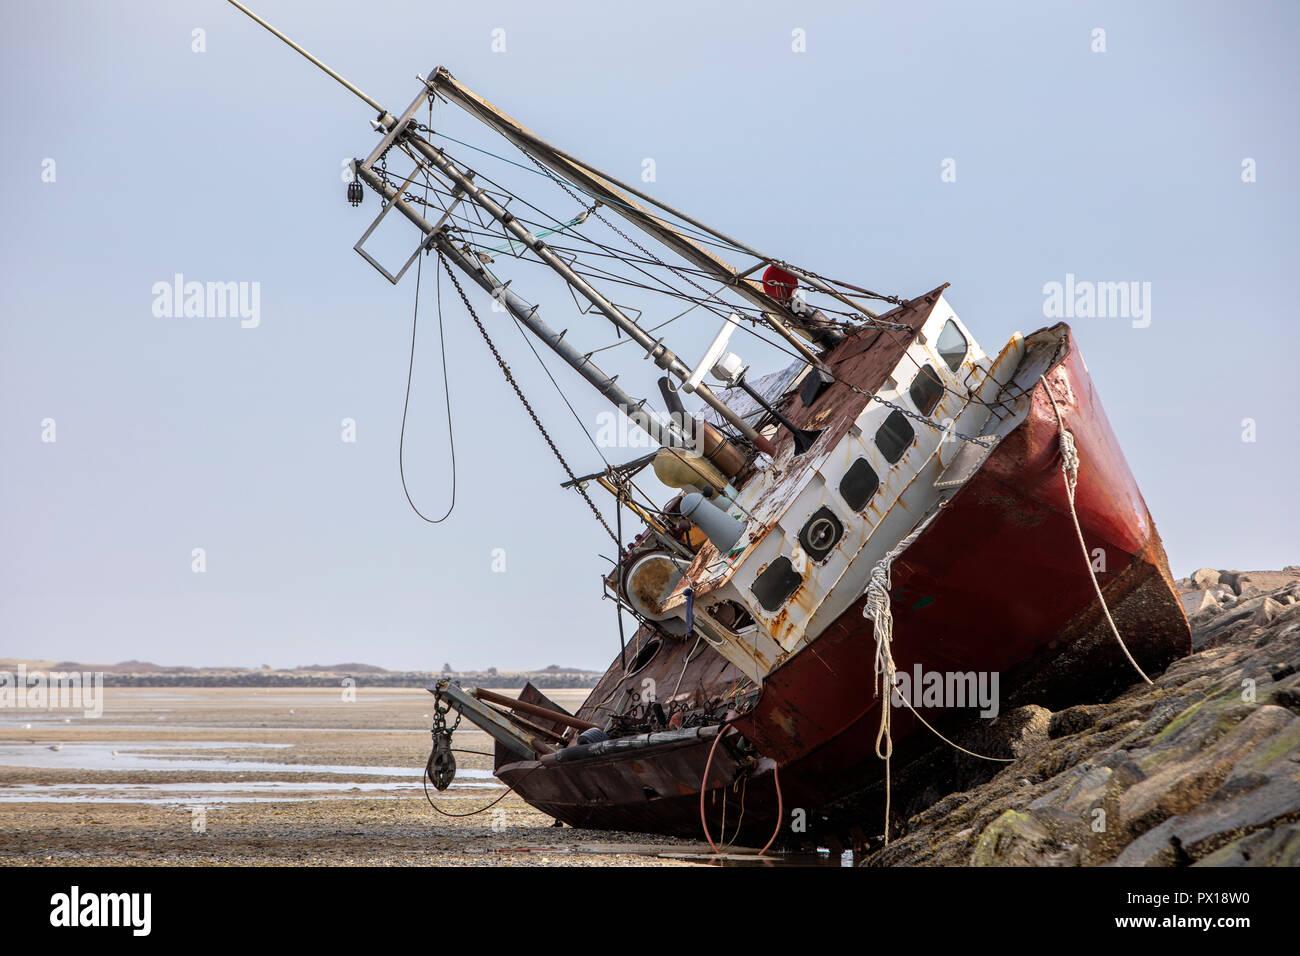 Les apparaux de pêche abandonnés un bateau échoué sur un rocher jetée. Photo Stock